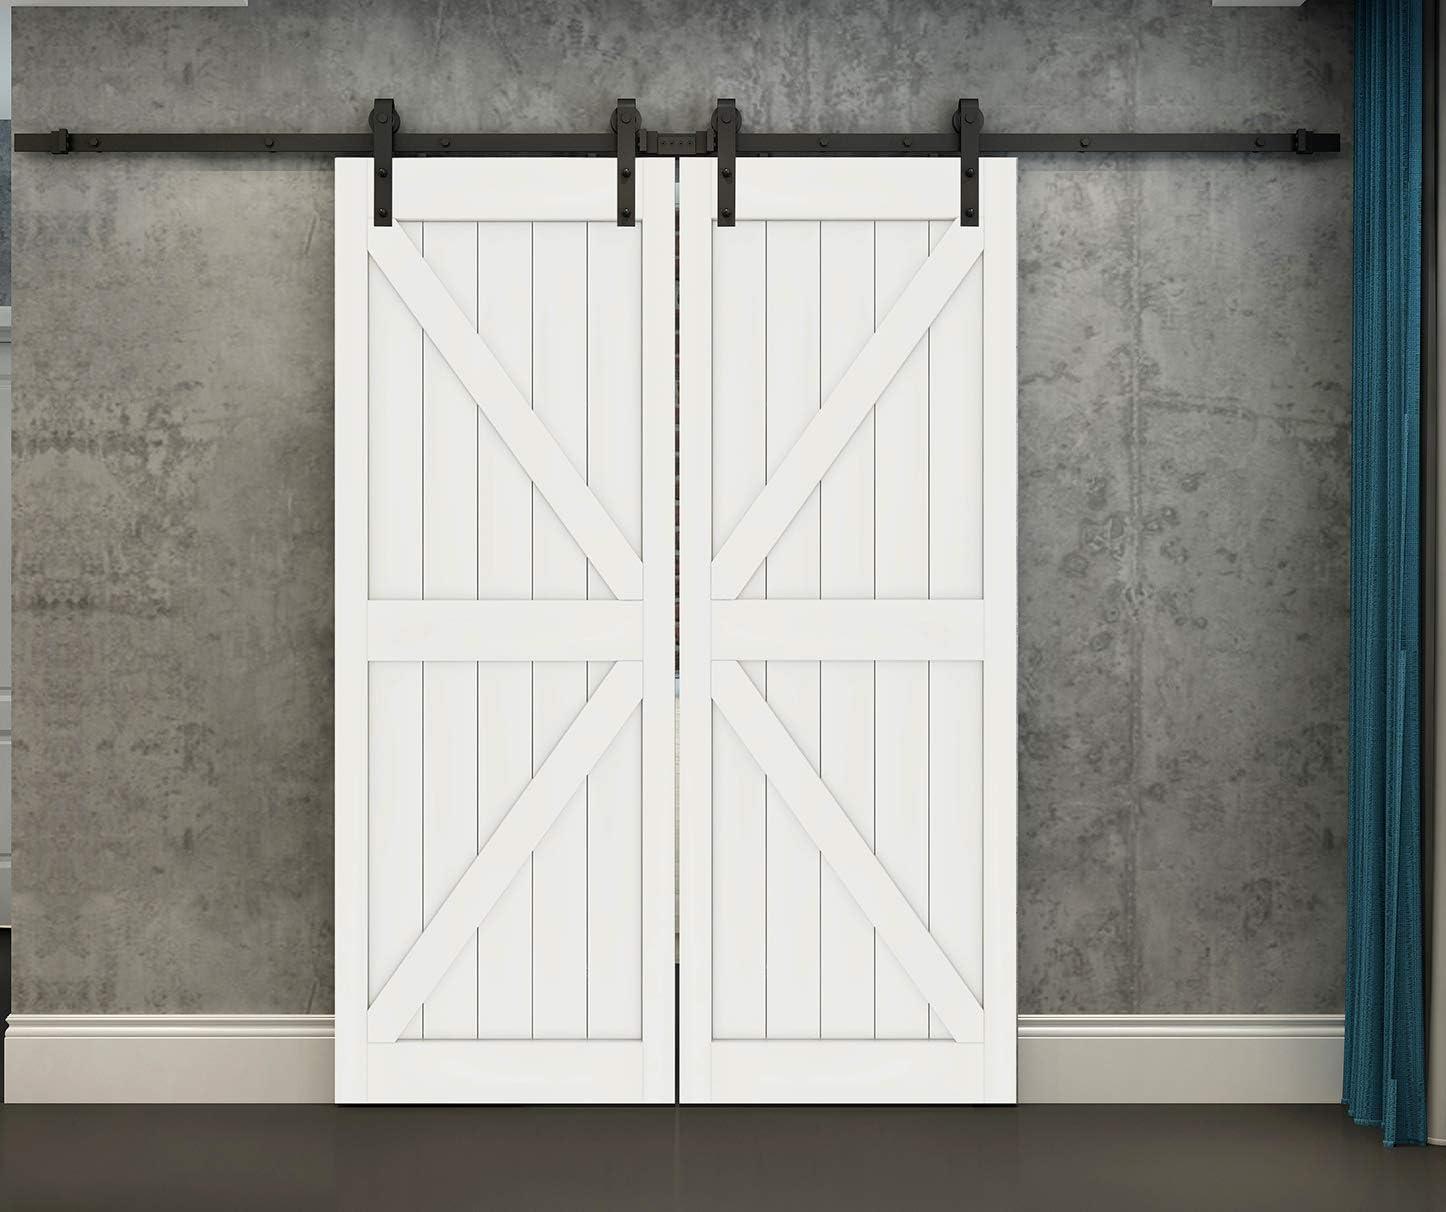 DIYHD 13ft Rustic Black Double Sliding Barn Wood Door Hardware Interior Sliding Wood Closet Door Sliding Track Kit (13.2ft Track Kit)